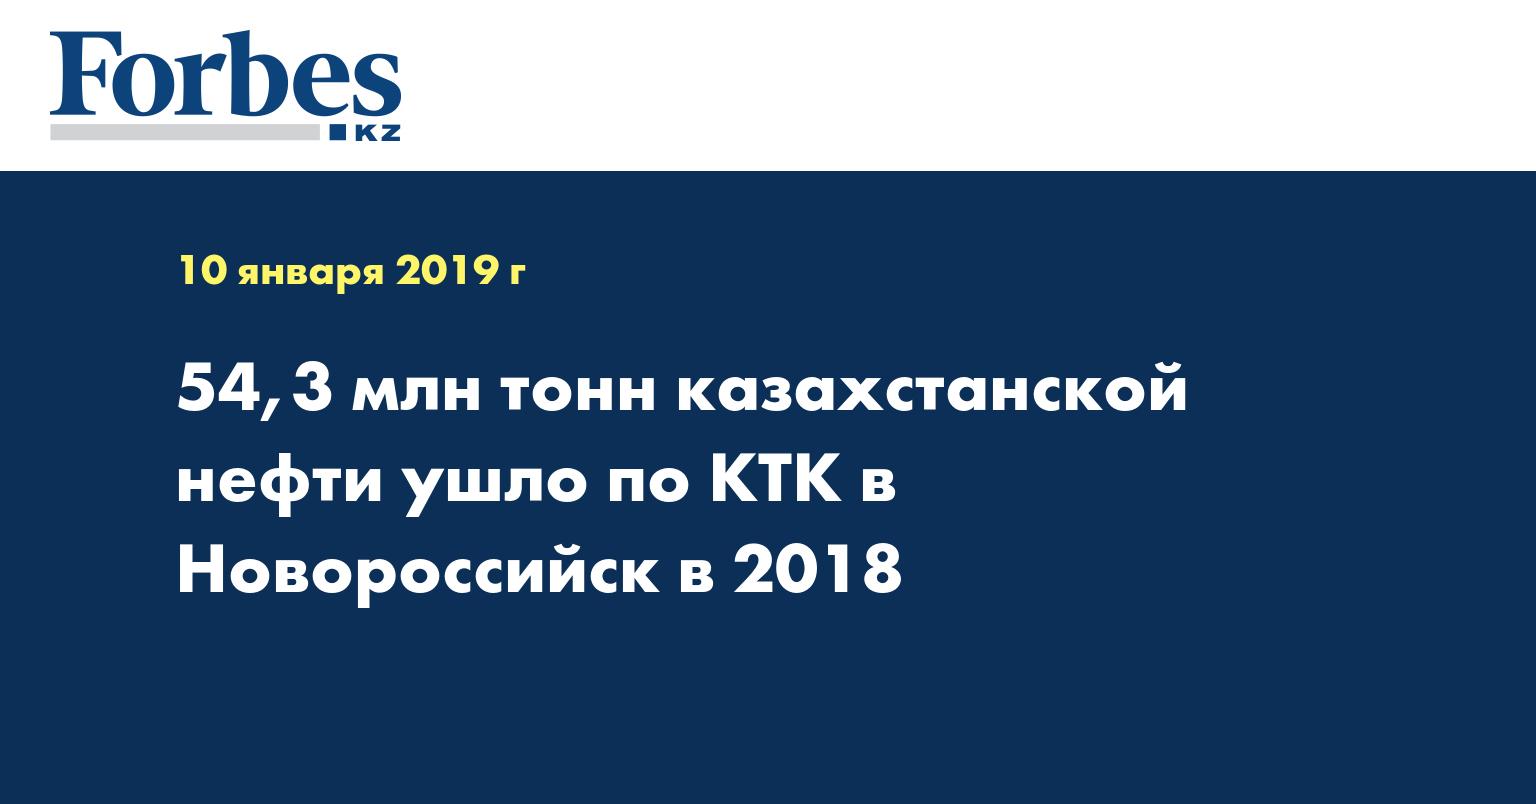 54,3 млн тонн казахстанской нефти ушло по КТК в Новороссийск в 2018